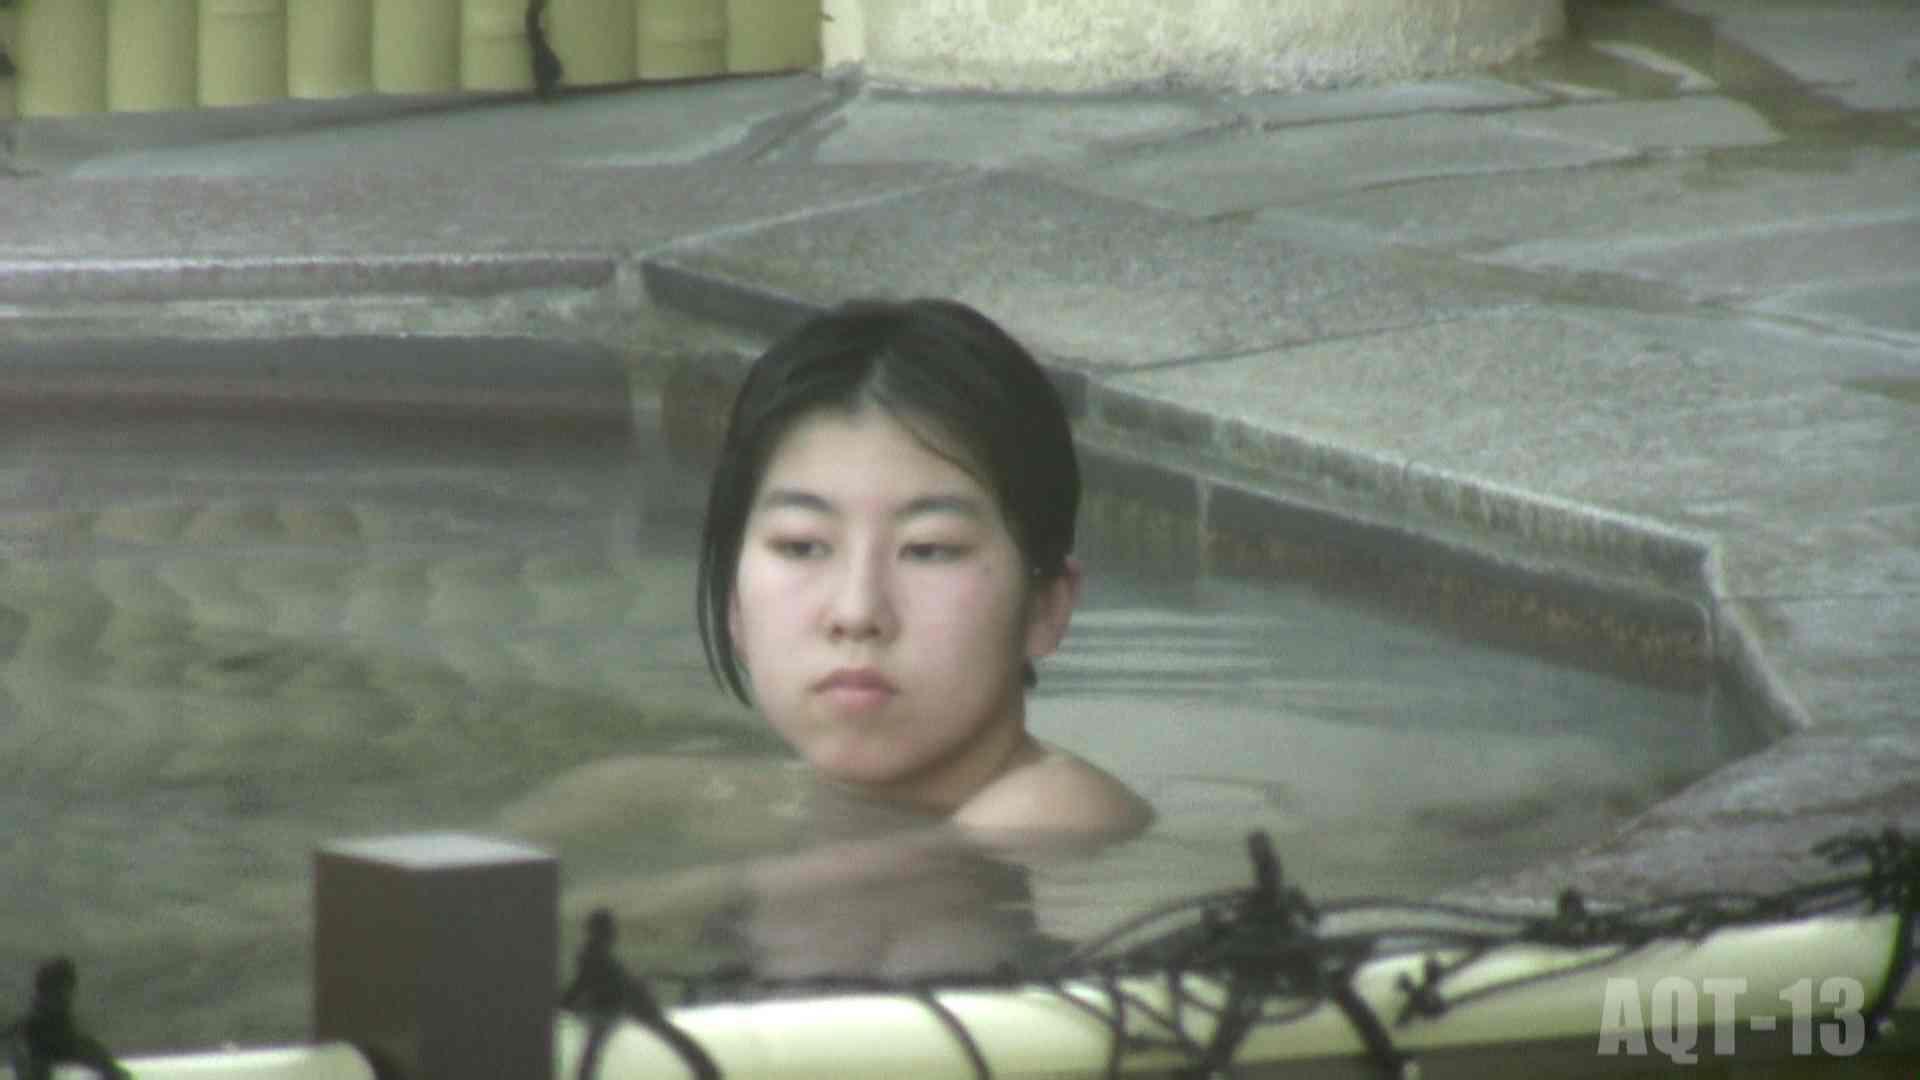 Aquaな露天風呂Vol.816 OLのエロ生活  90連発 30